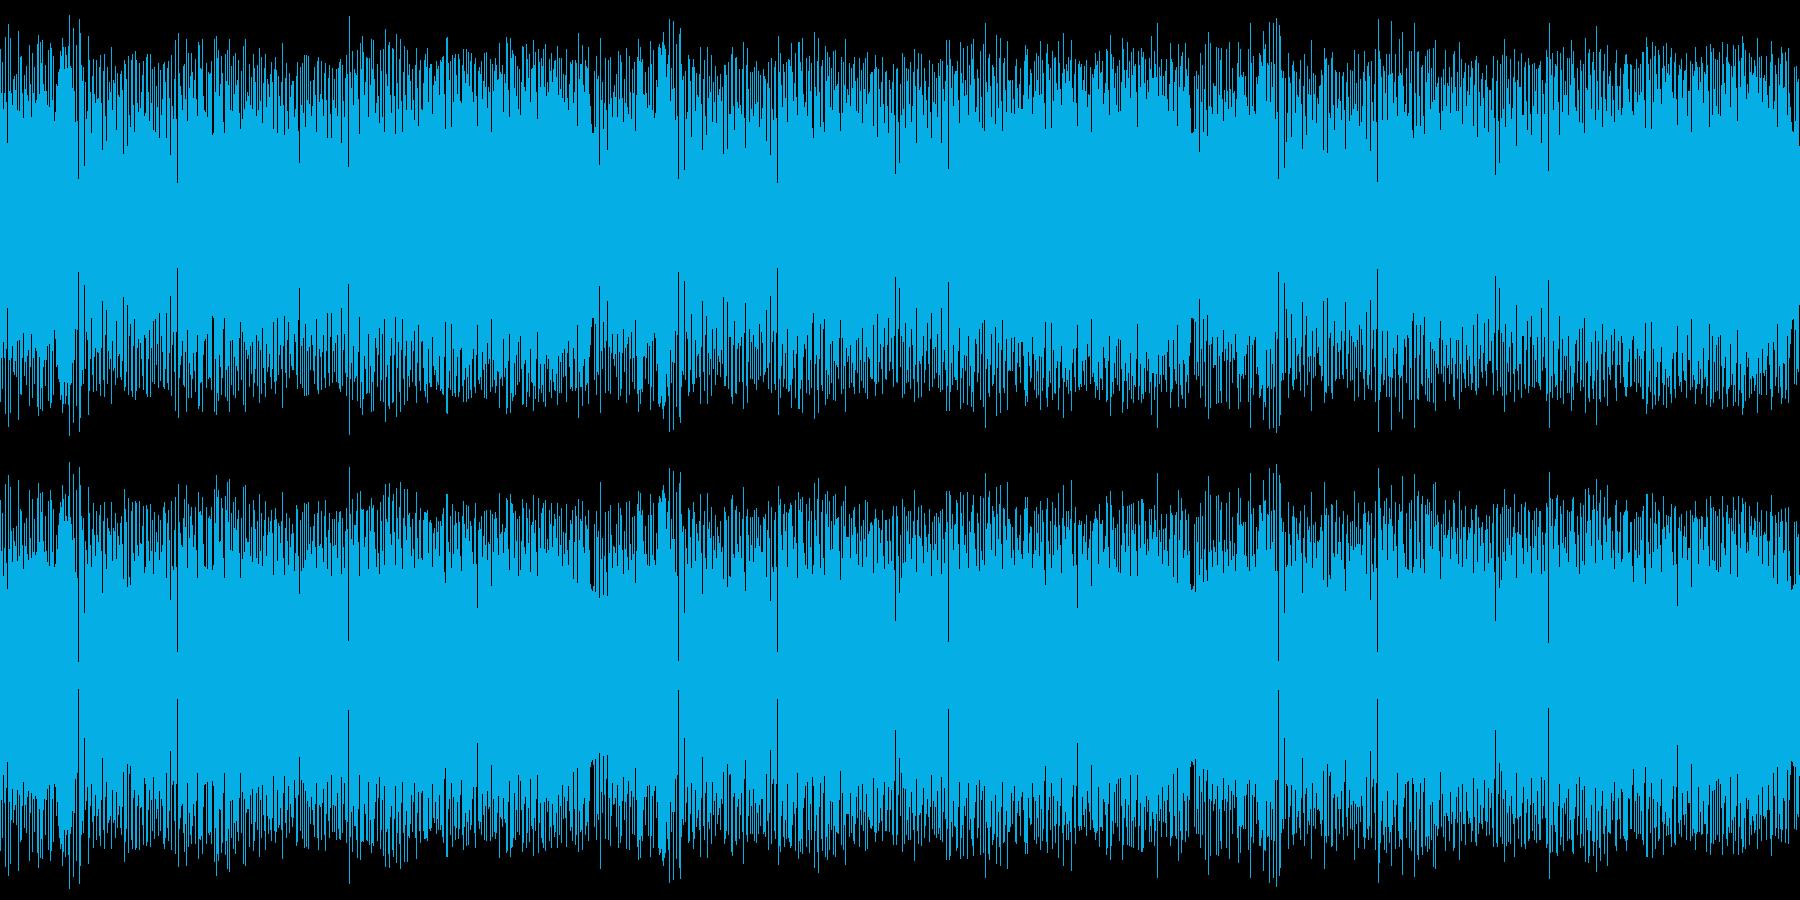 レトロゲーム風・ウキウキ・爽やかな感じの再生済みの波形